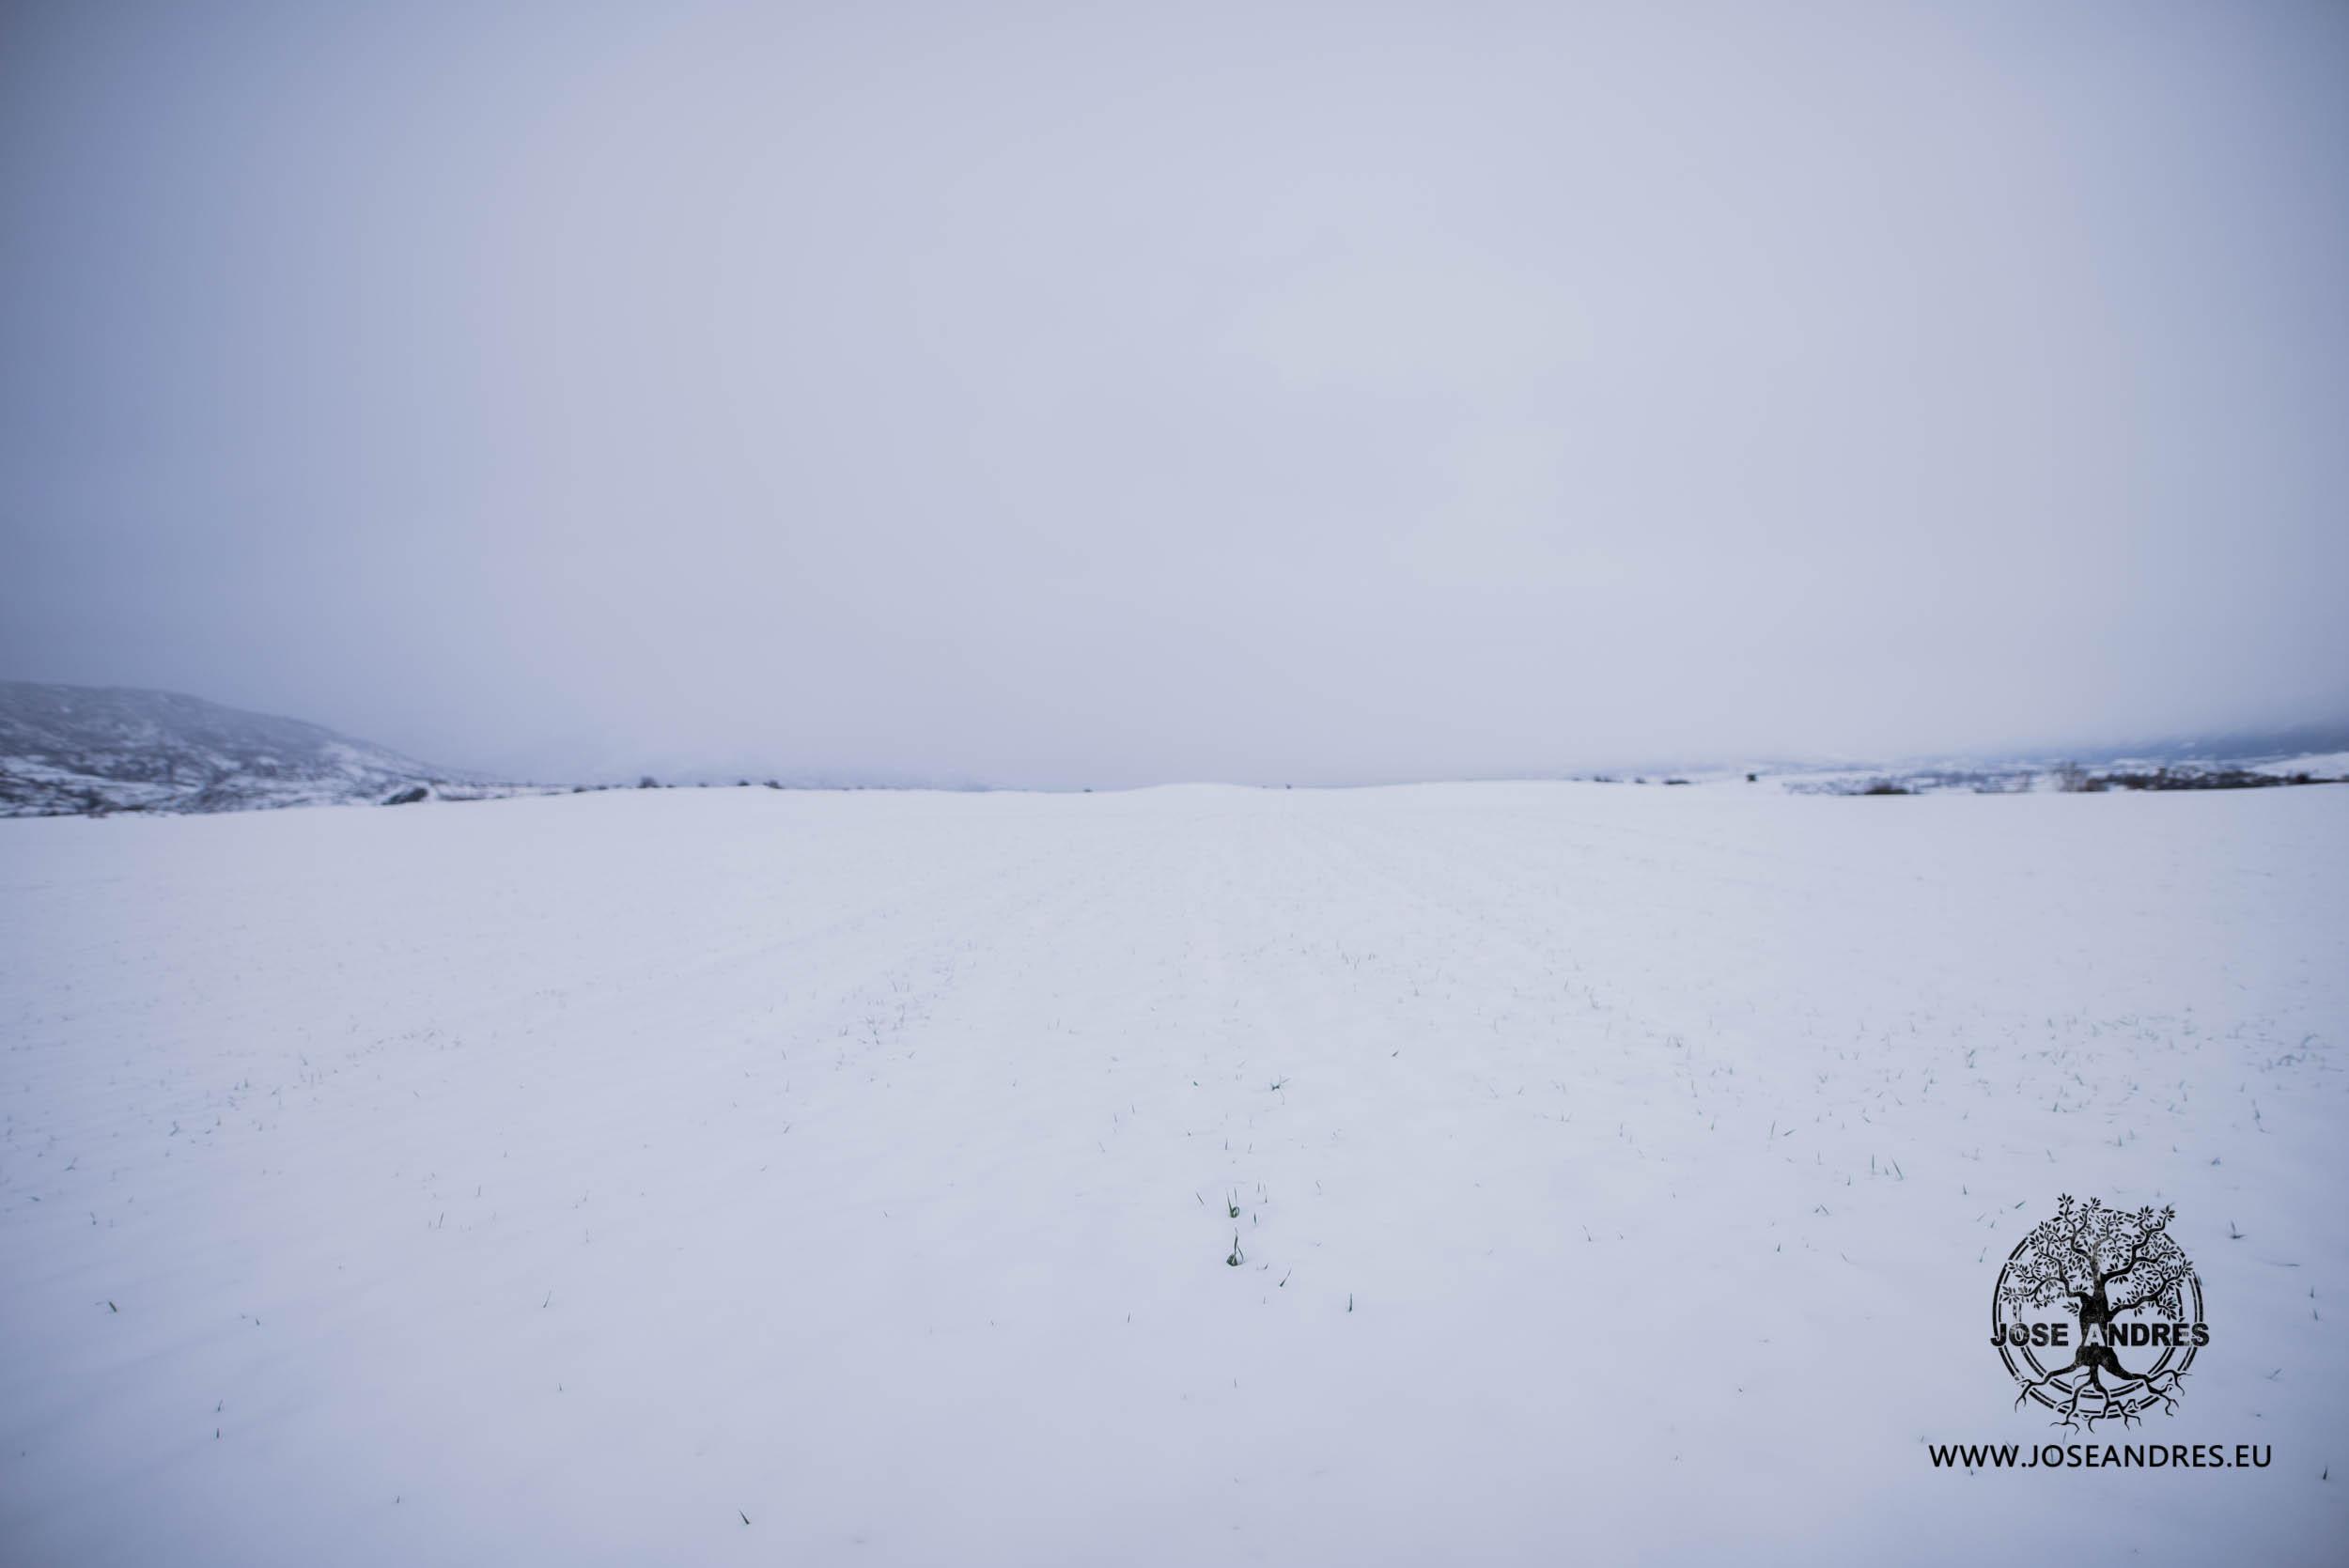 Preboda en la nieve, preboda en Jaca, preboda en Formigal, preboda en el frío, preboda con nieve, paisaje nieve, paisaje Jaca